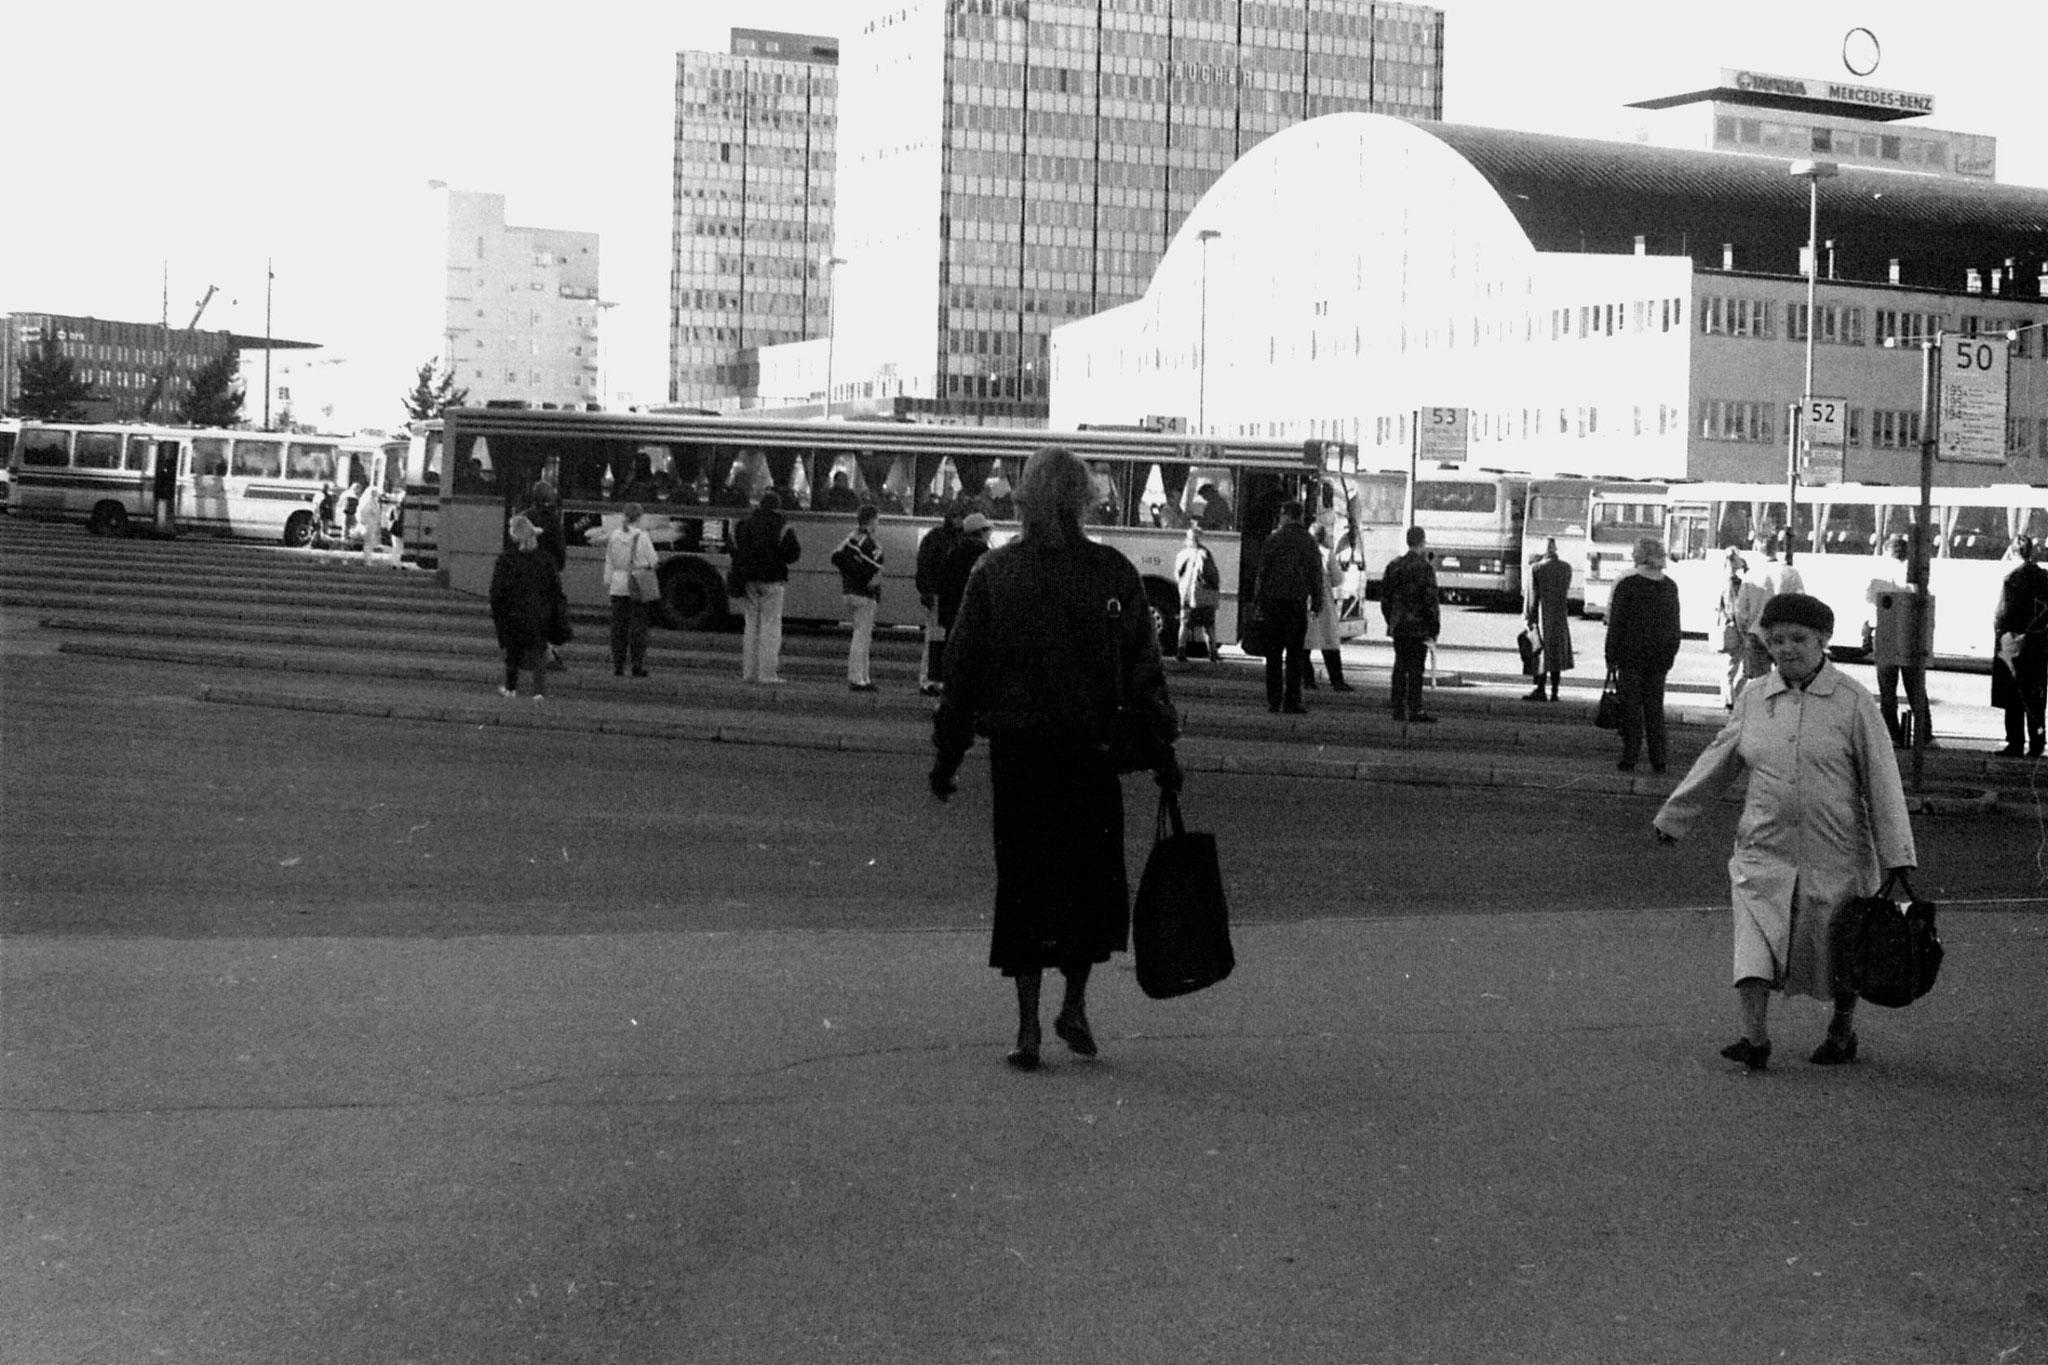 12/10/1988: 3: Helsinki bus station